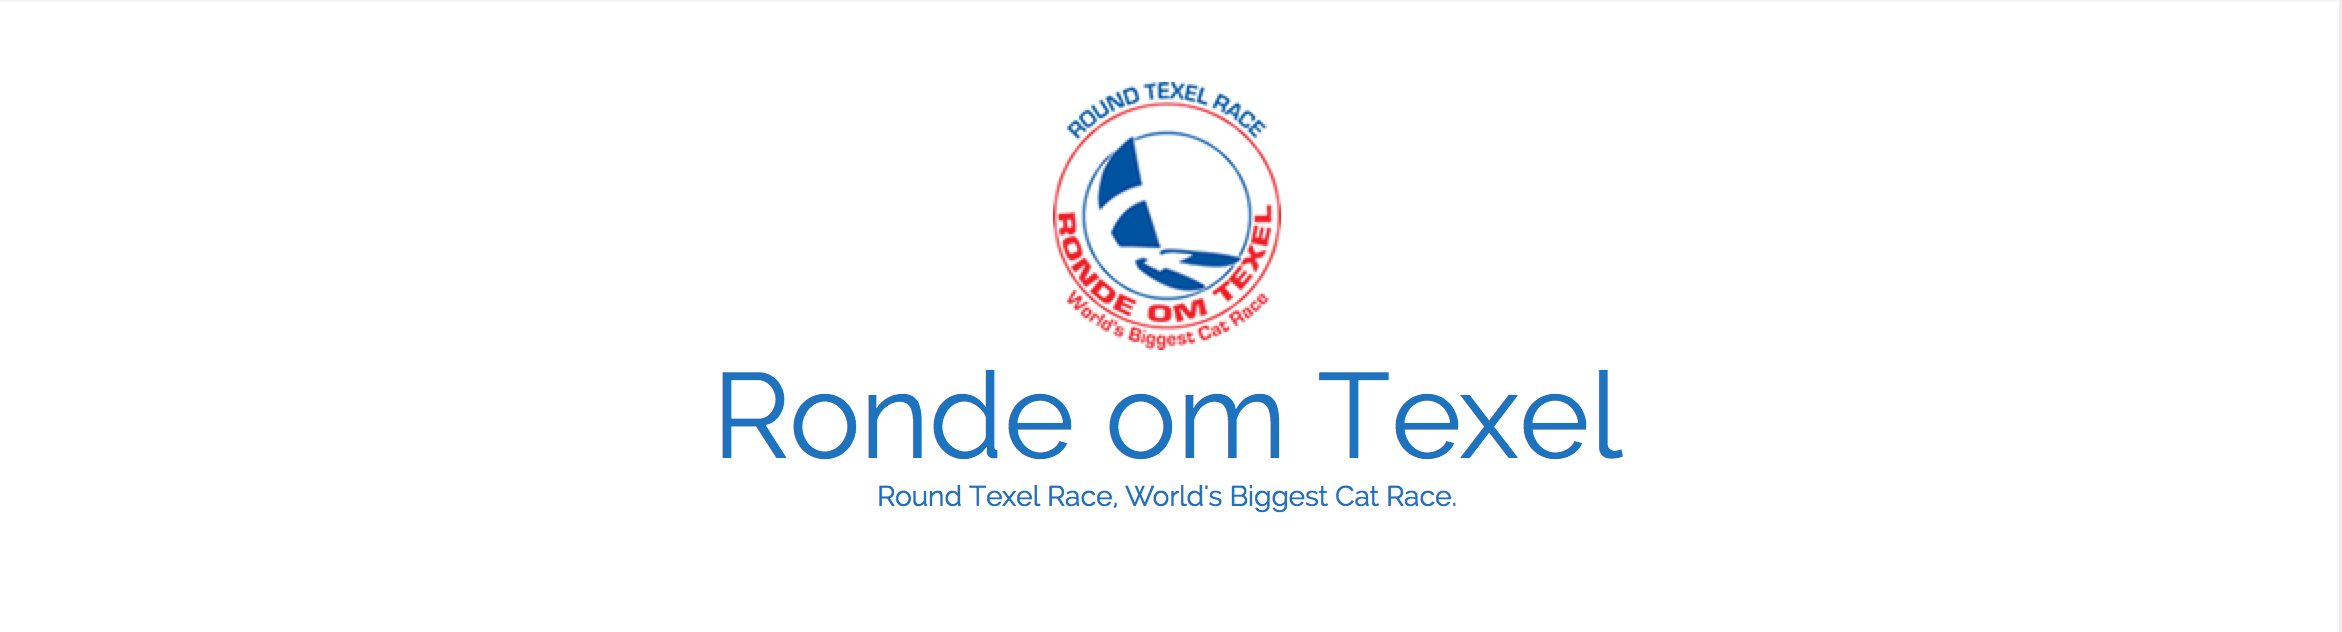 Round Texel 2015